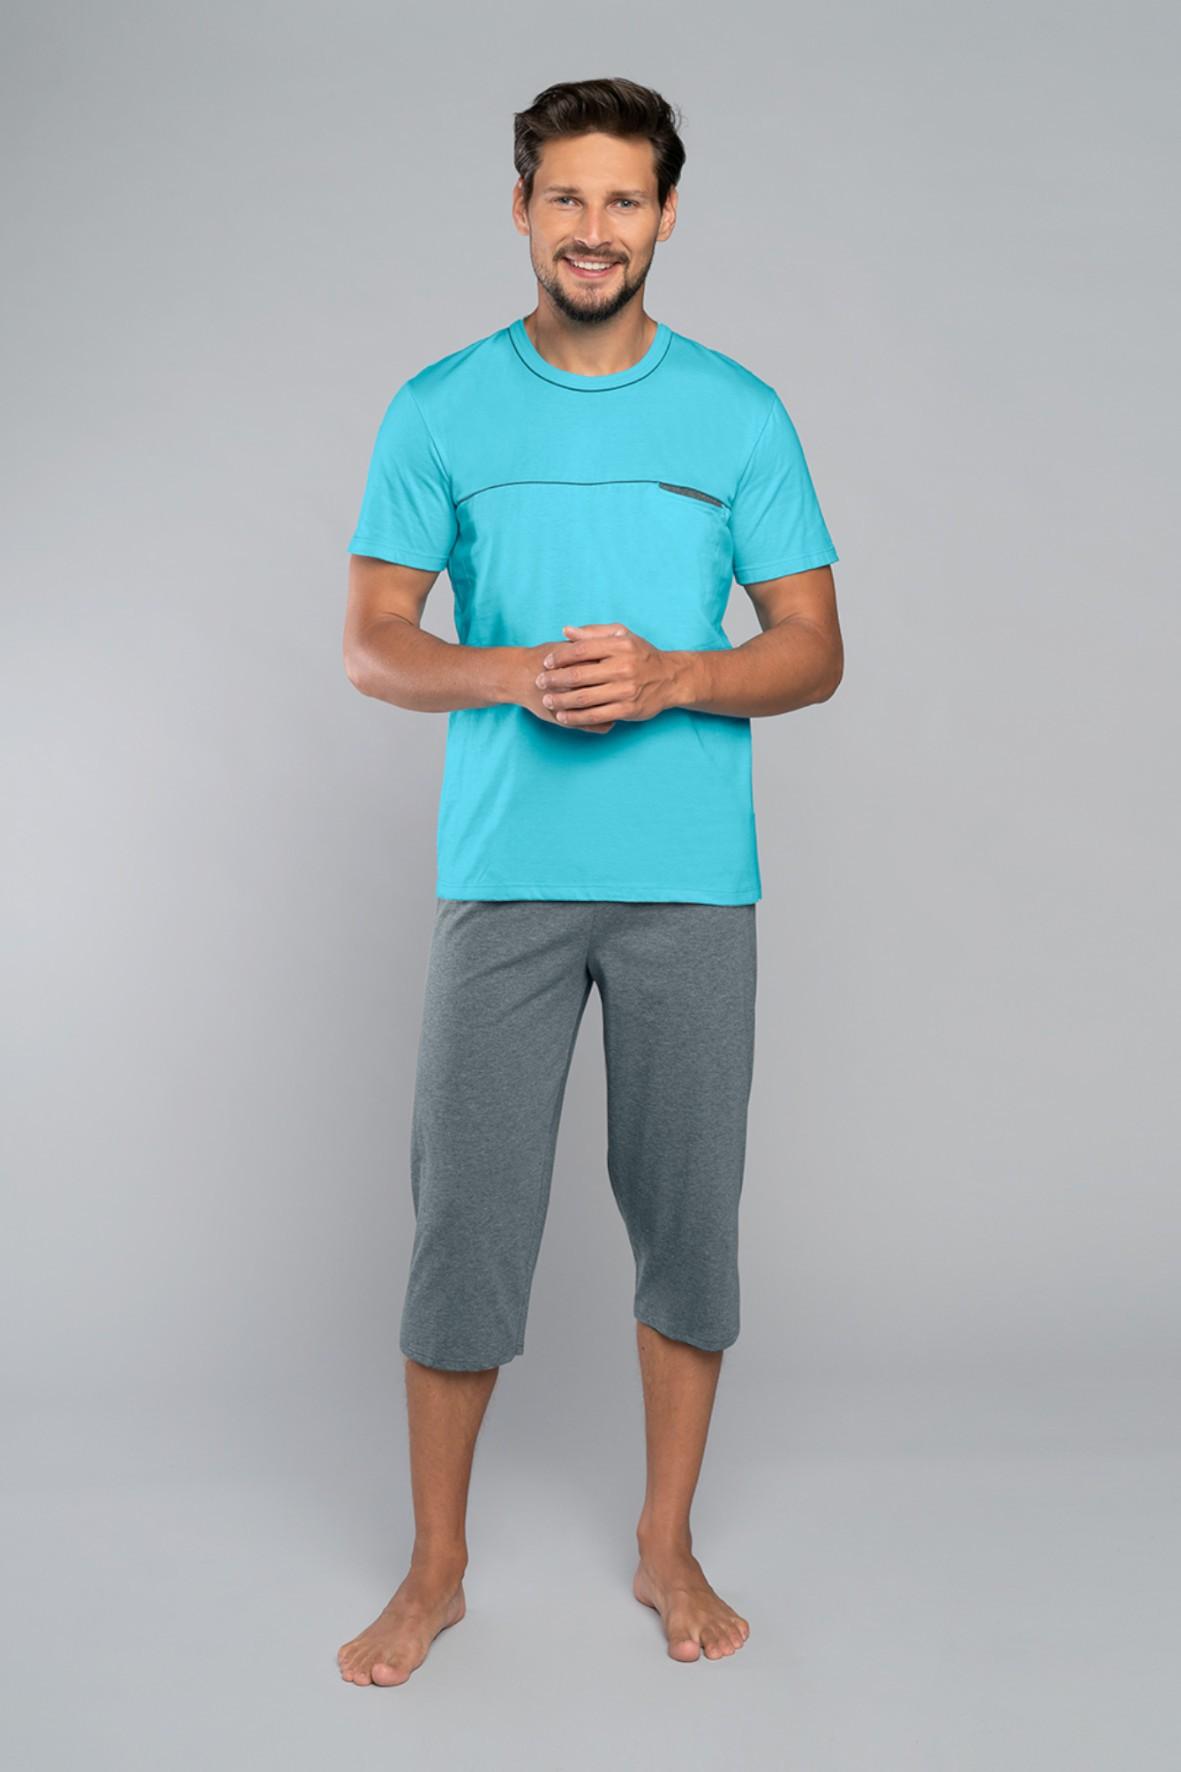 Dwuczęściowa piżama męska - niebieski t-shirt na krótki rękaw i szare spodnie 3/4 nogawka